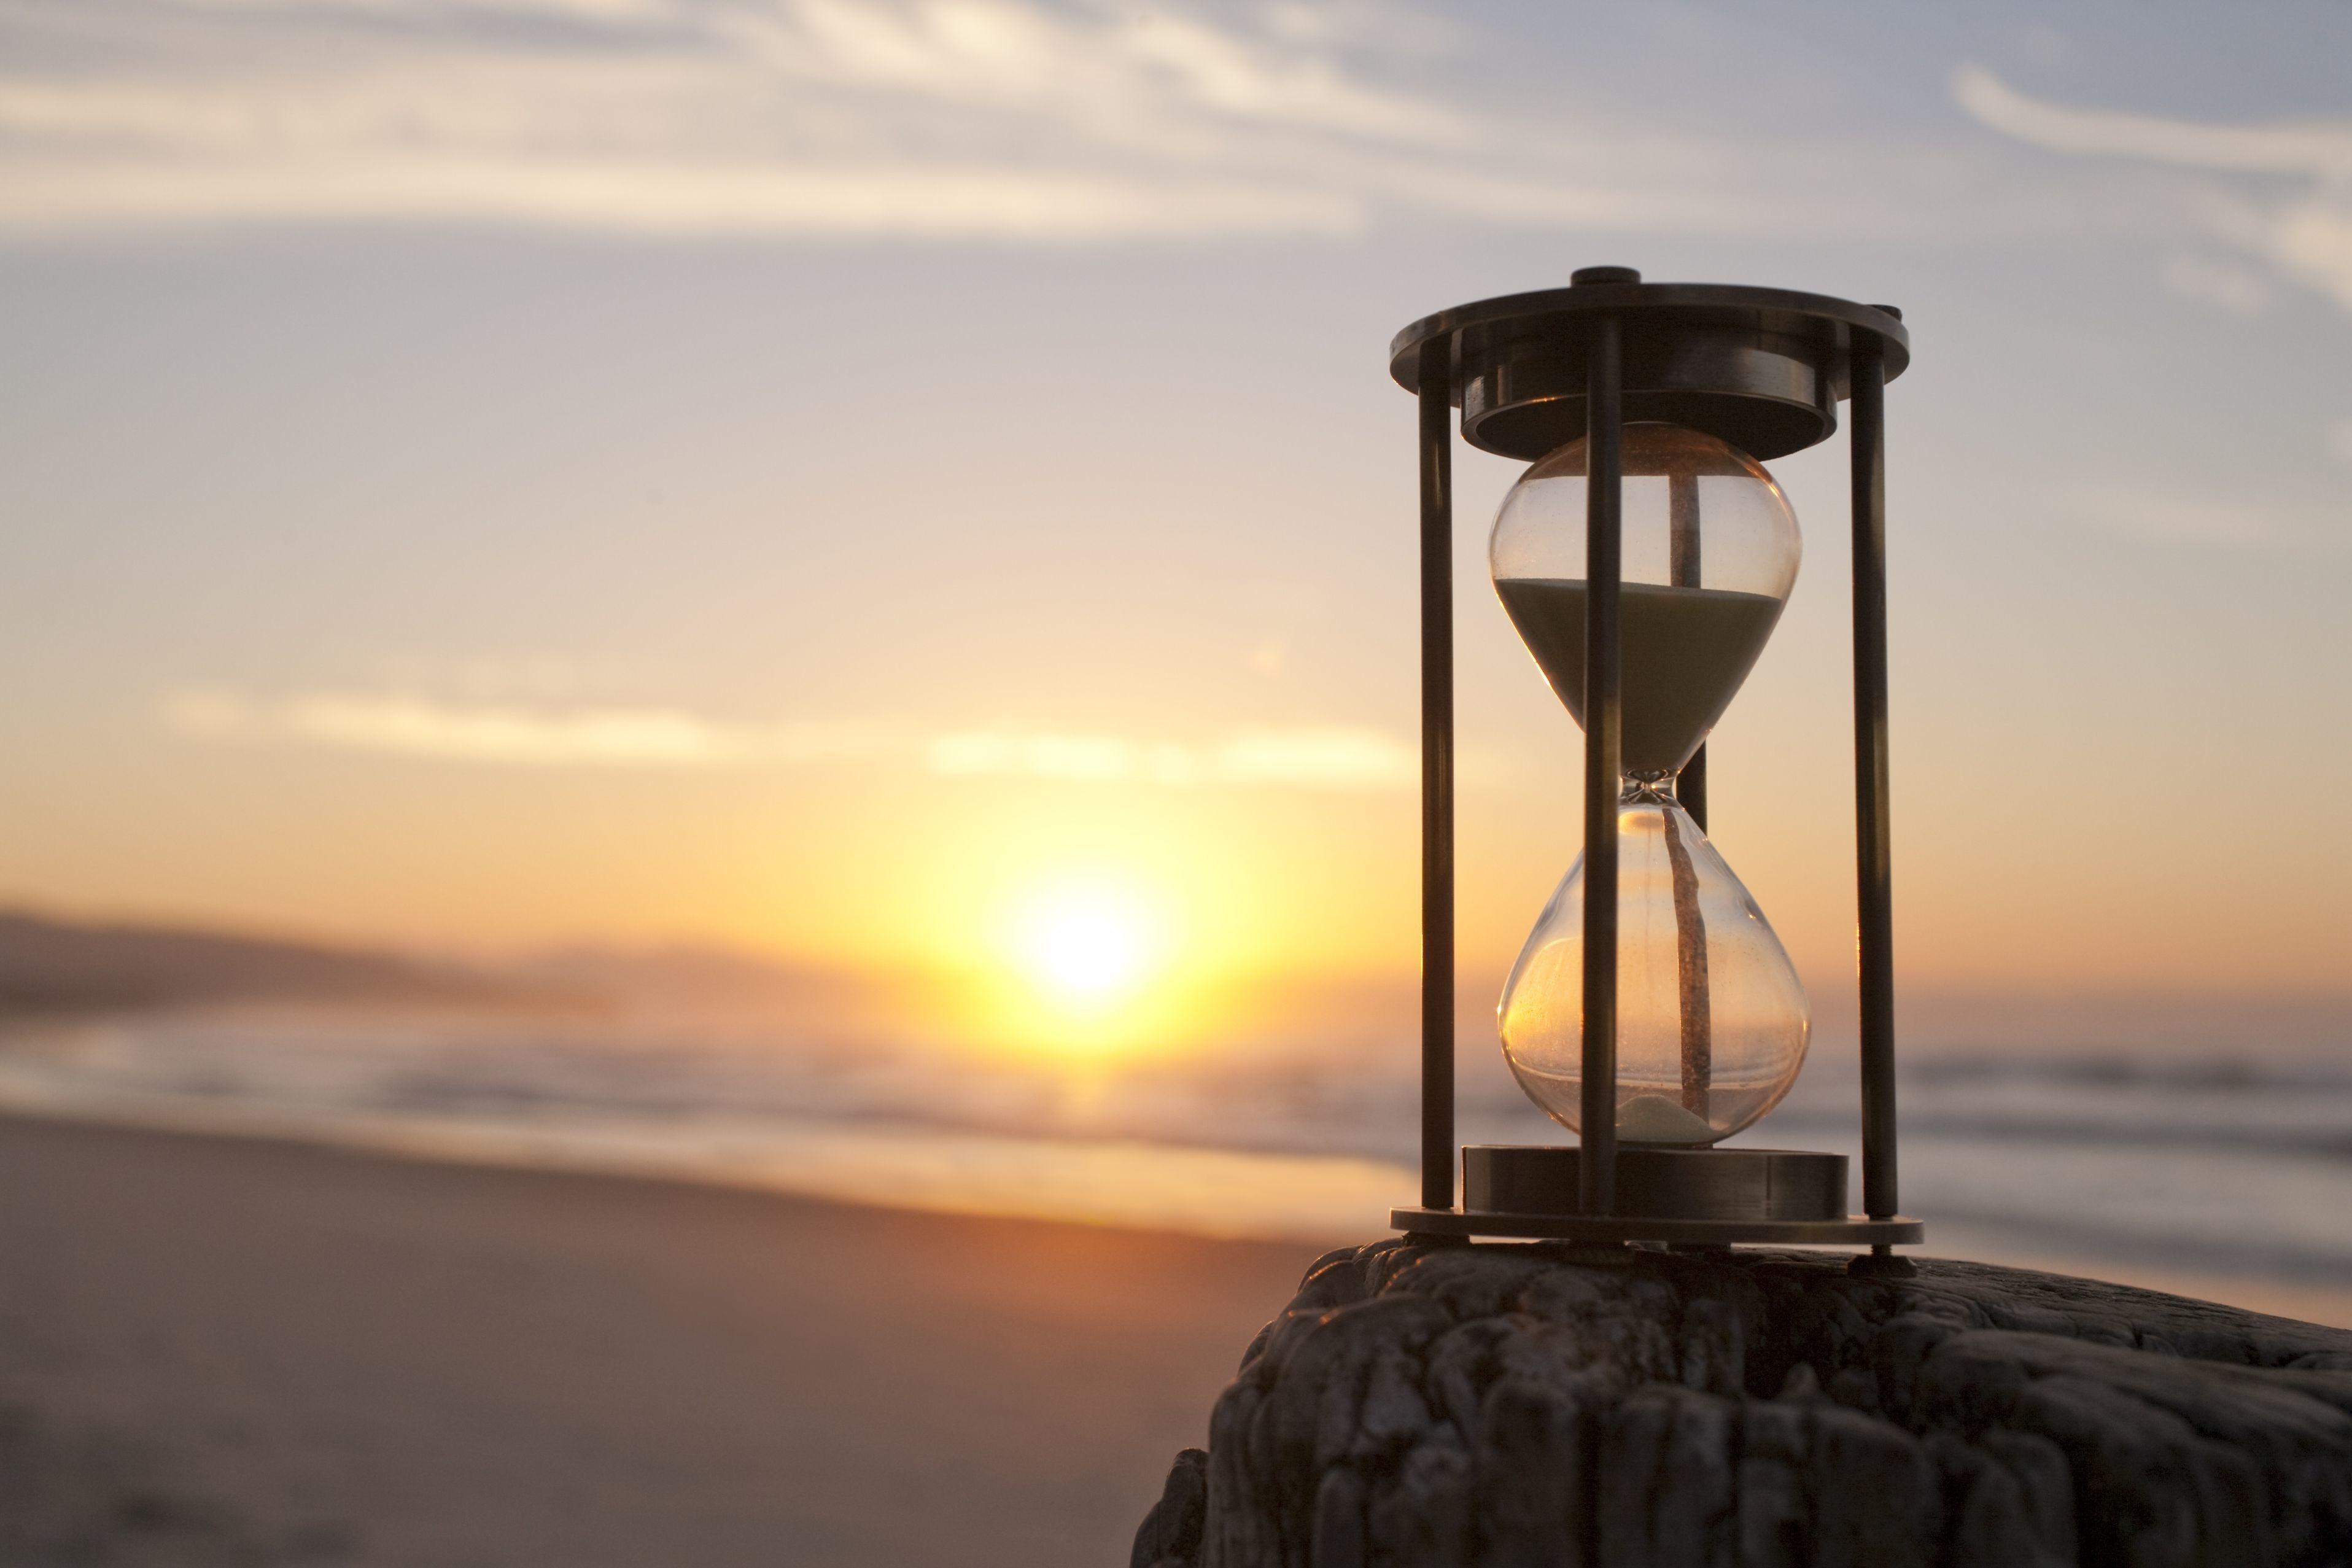 hourglass sunset widescreen background wallpaper 65047